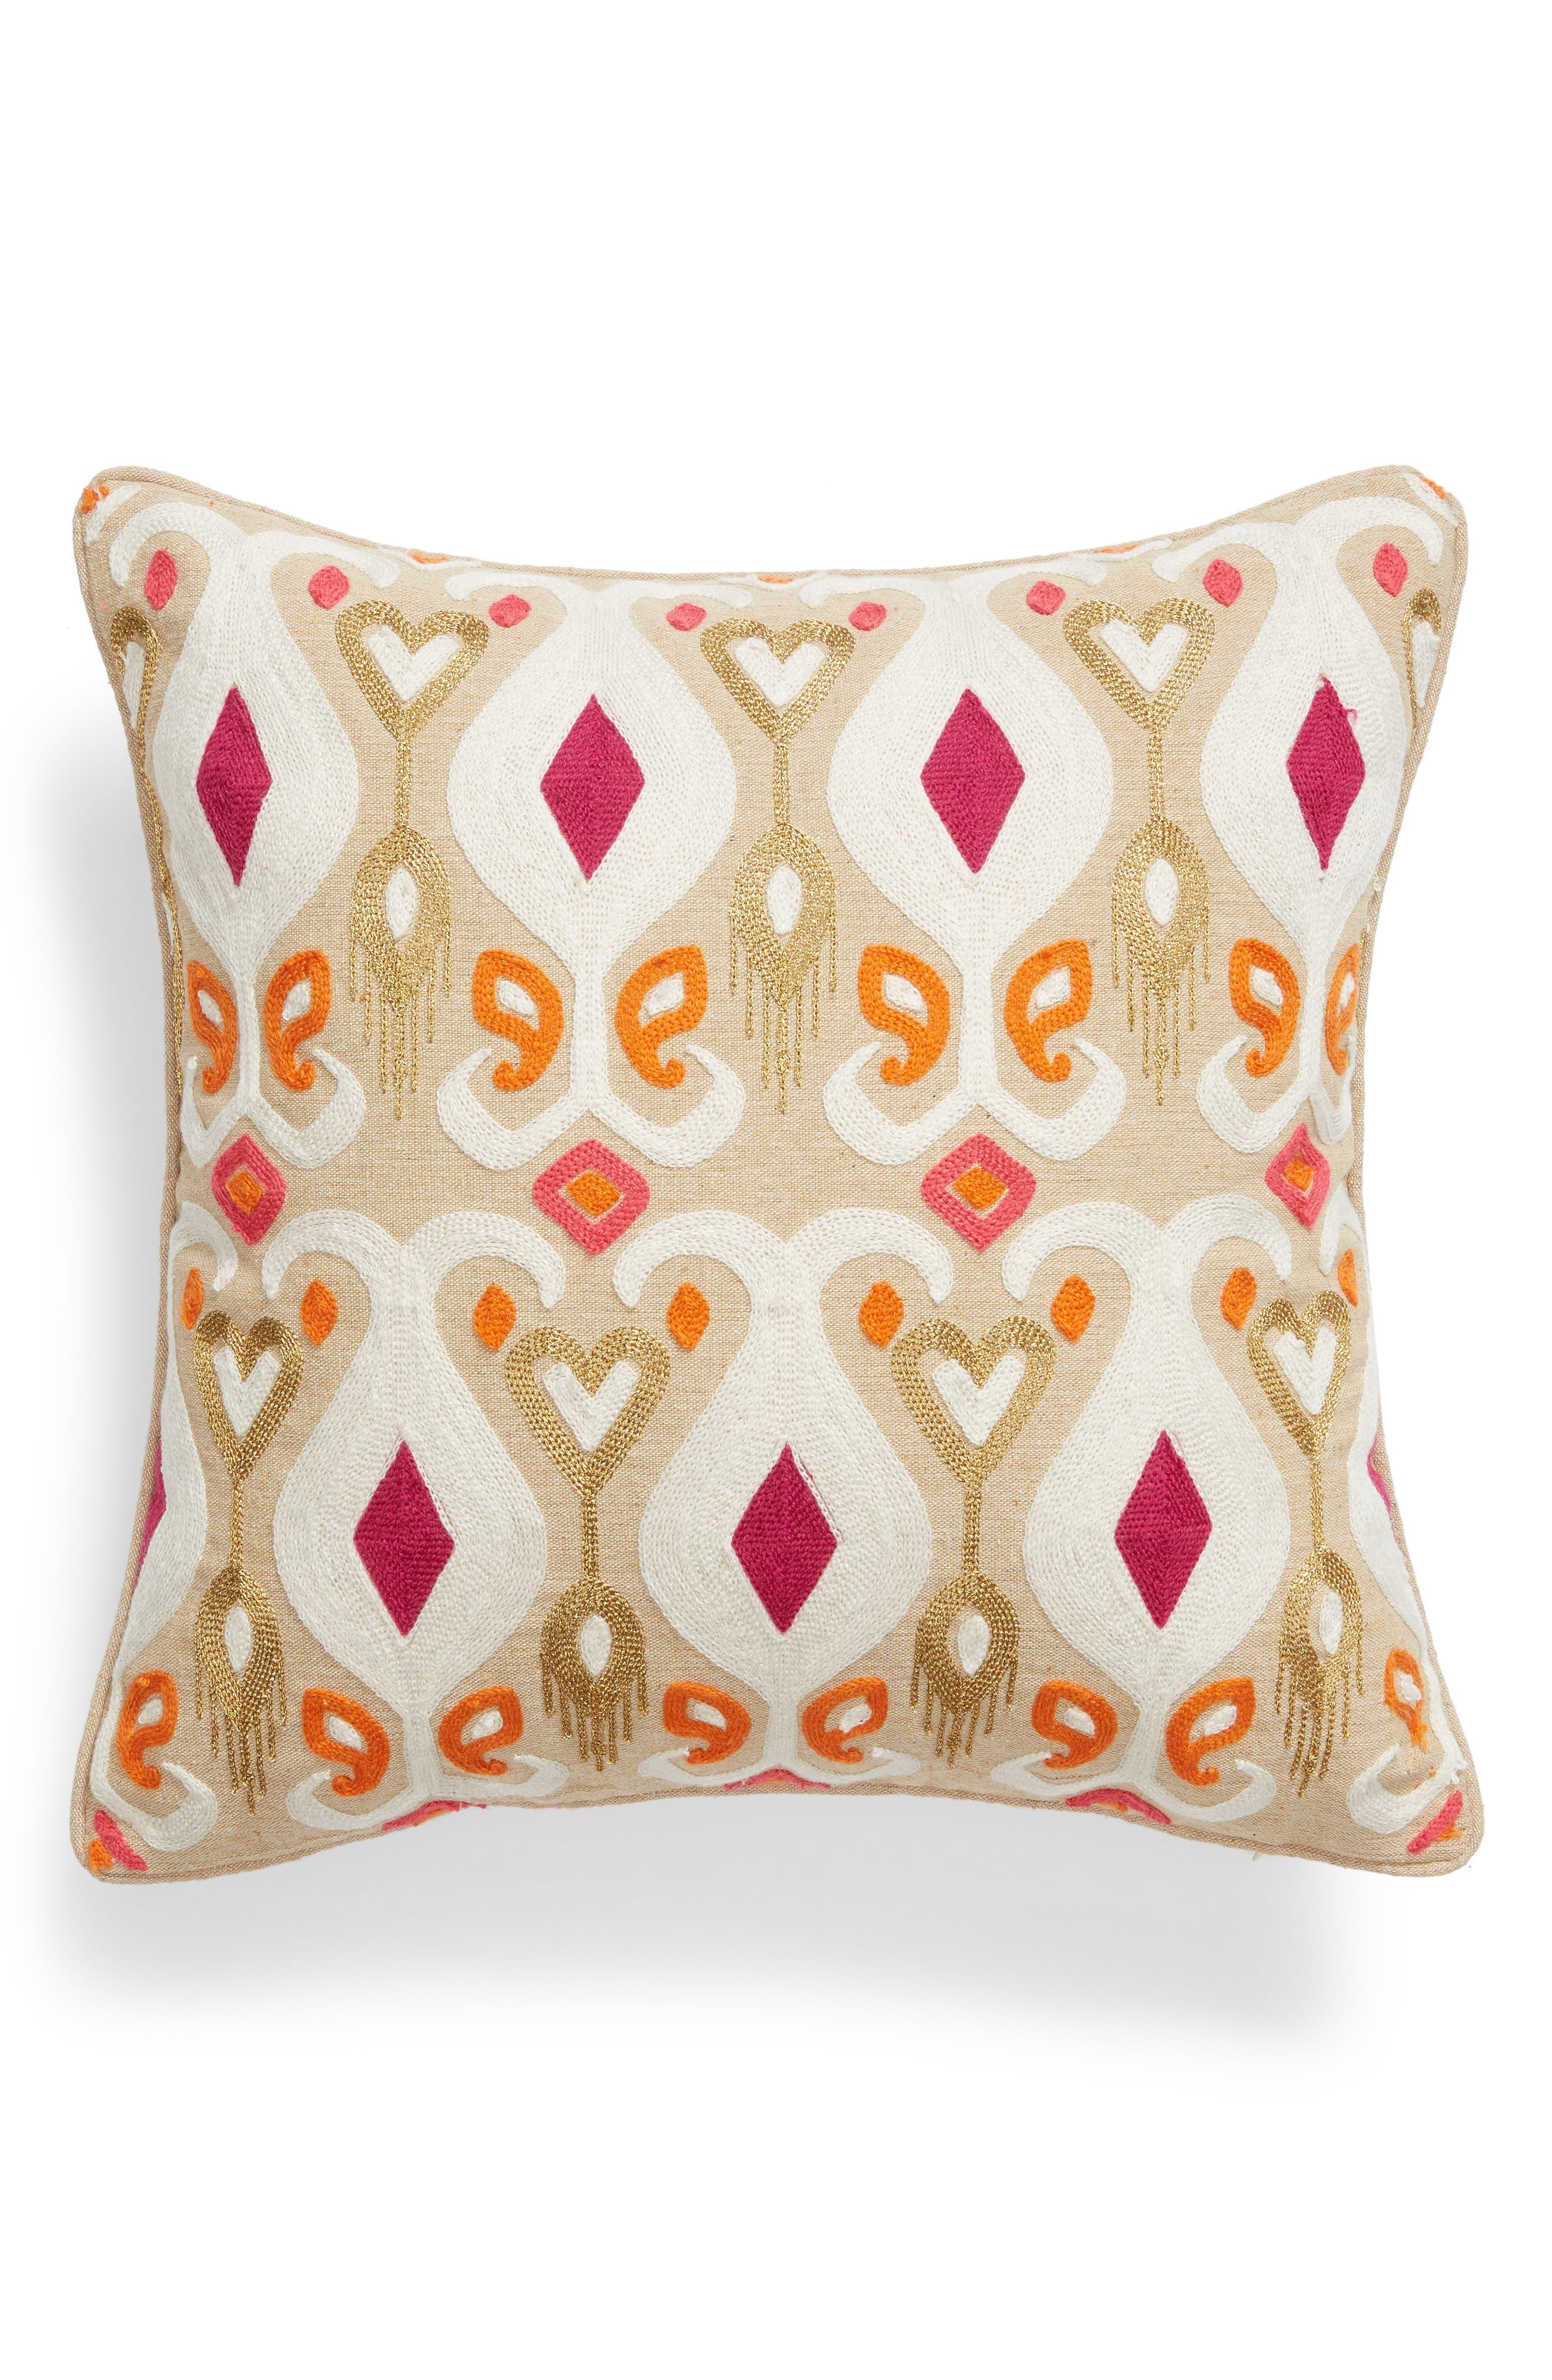 Saffron Crewel Stitch Accent Pillow,                             Main thumbnail 1, color,                             251